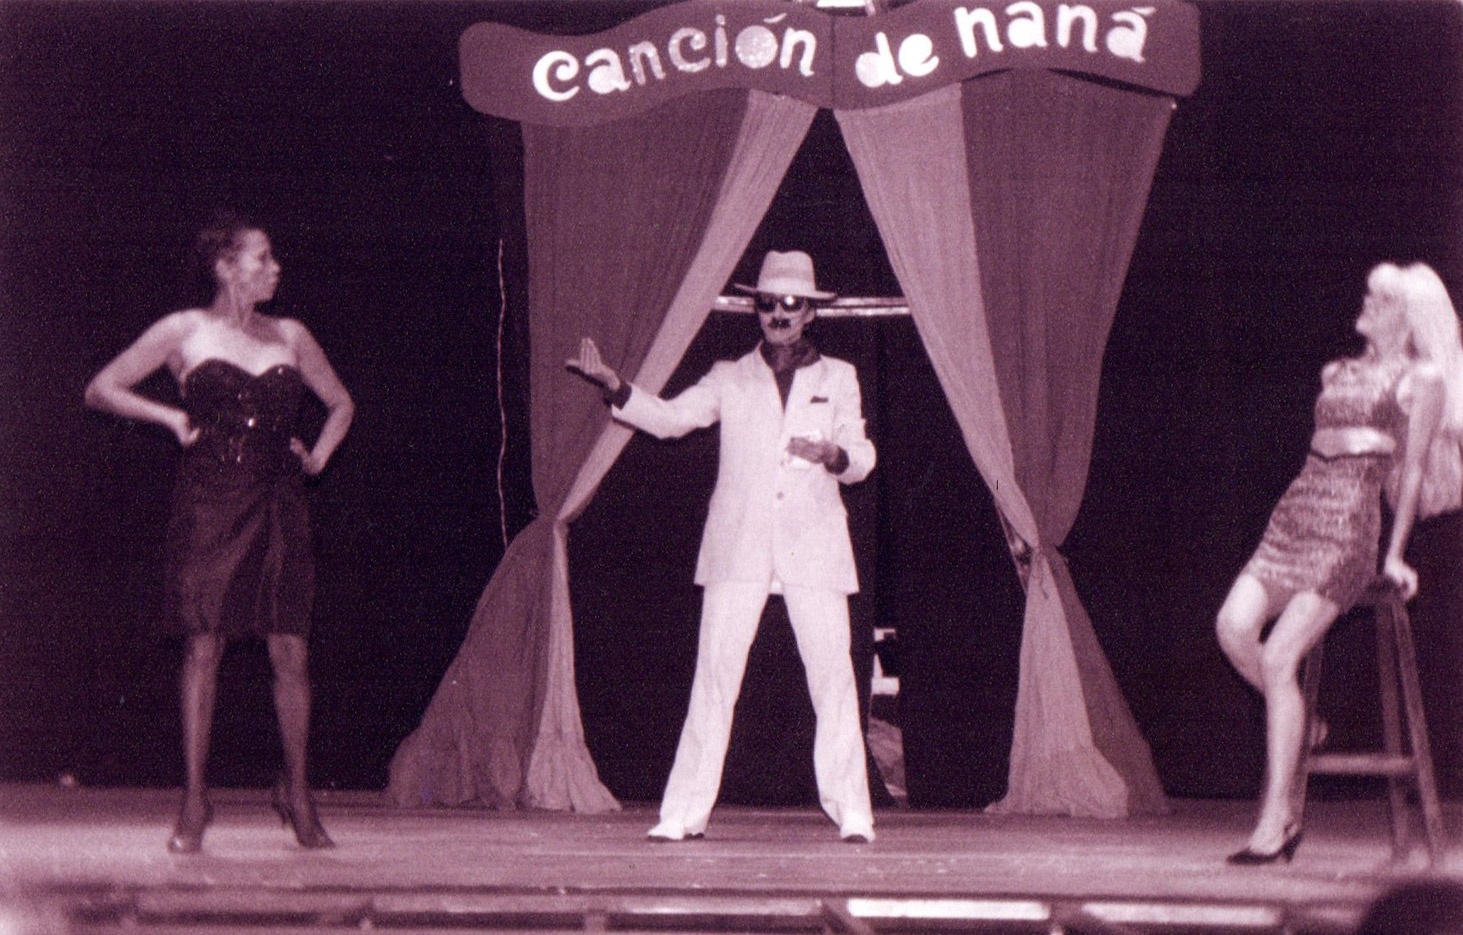 Canción de Naná (1986)